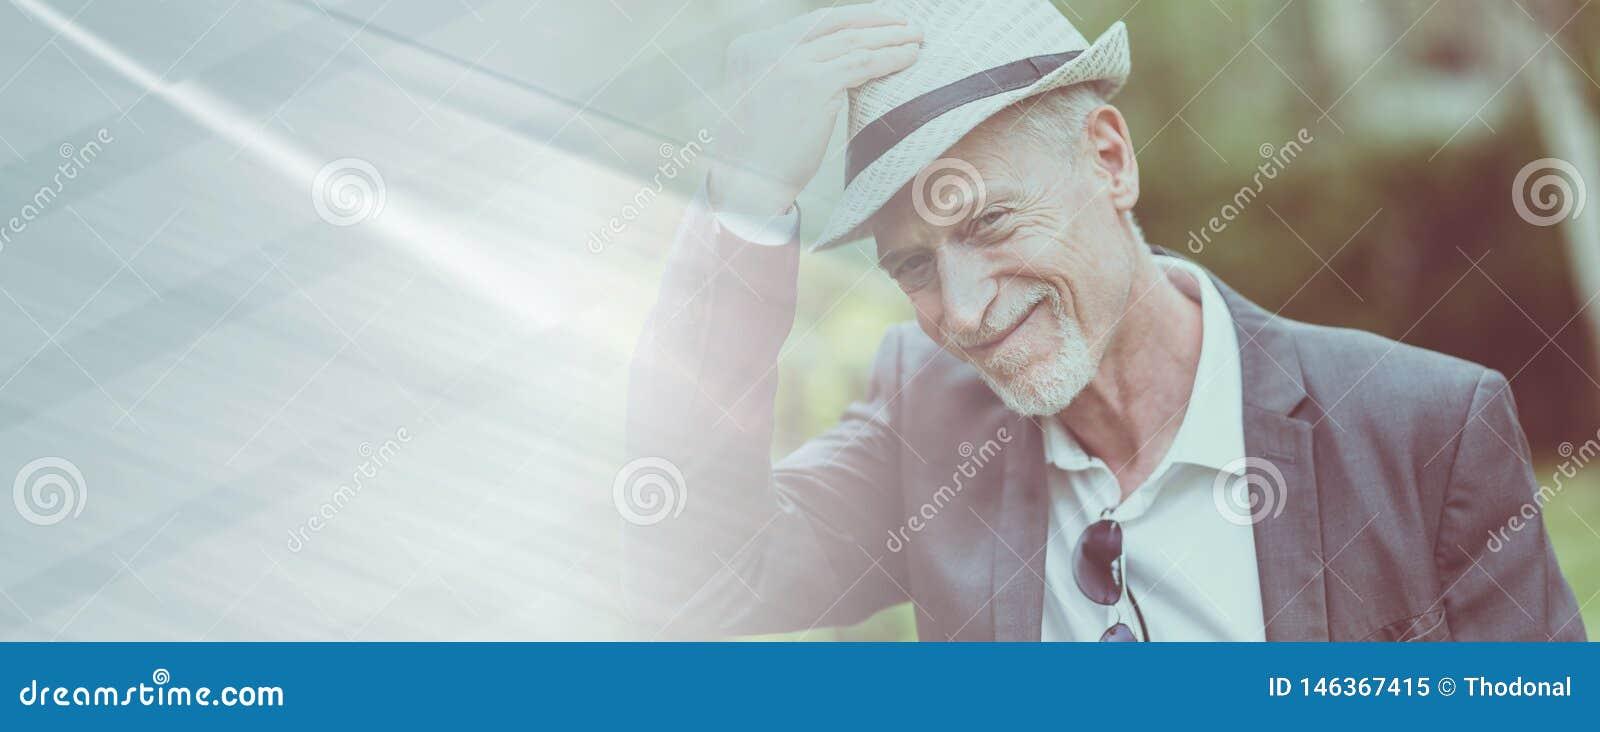 Hombre maduro feliz que lleva un sombrero, efecto luminoso